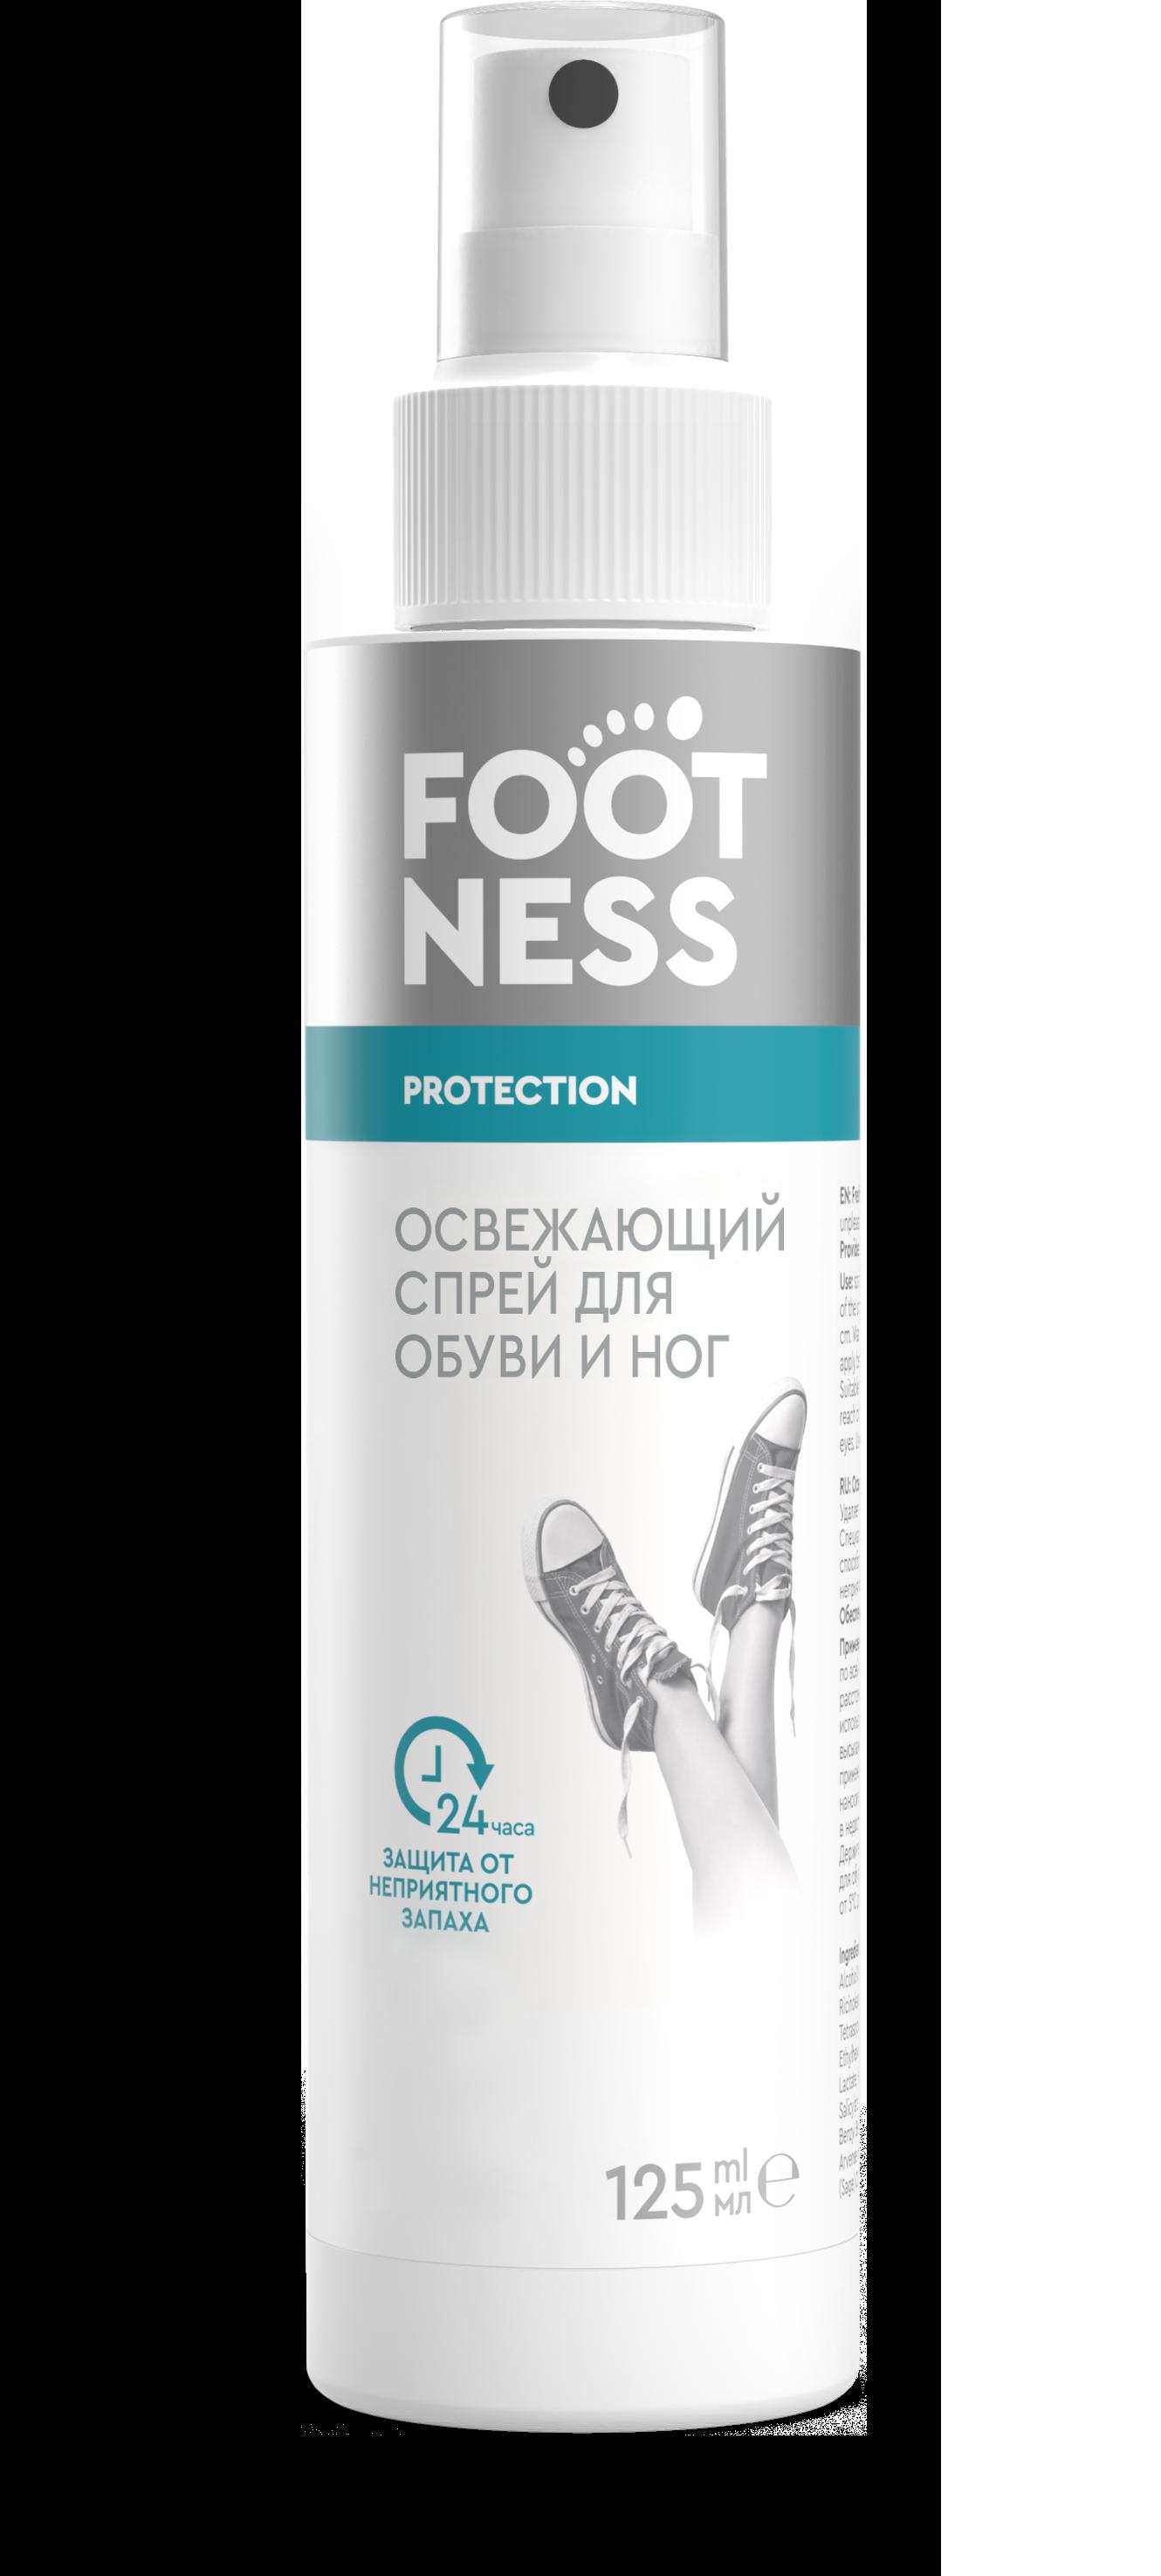 Освежающий спрей для обуви и ног